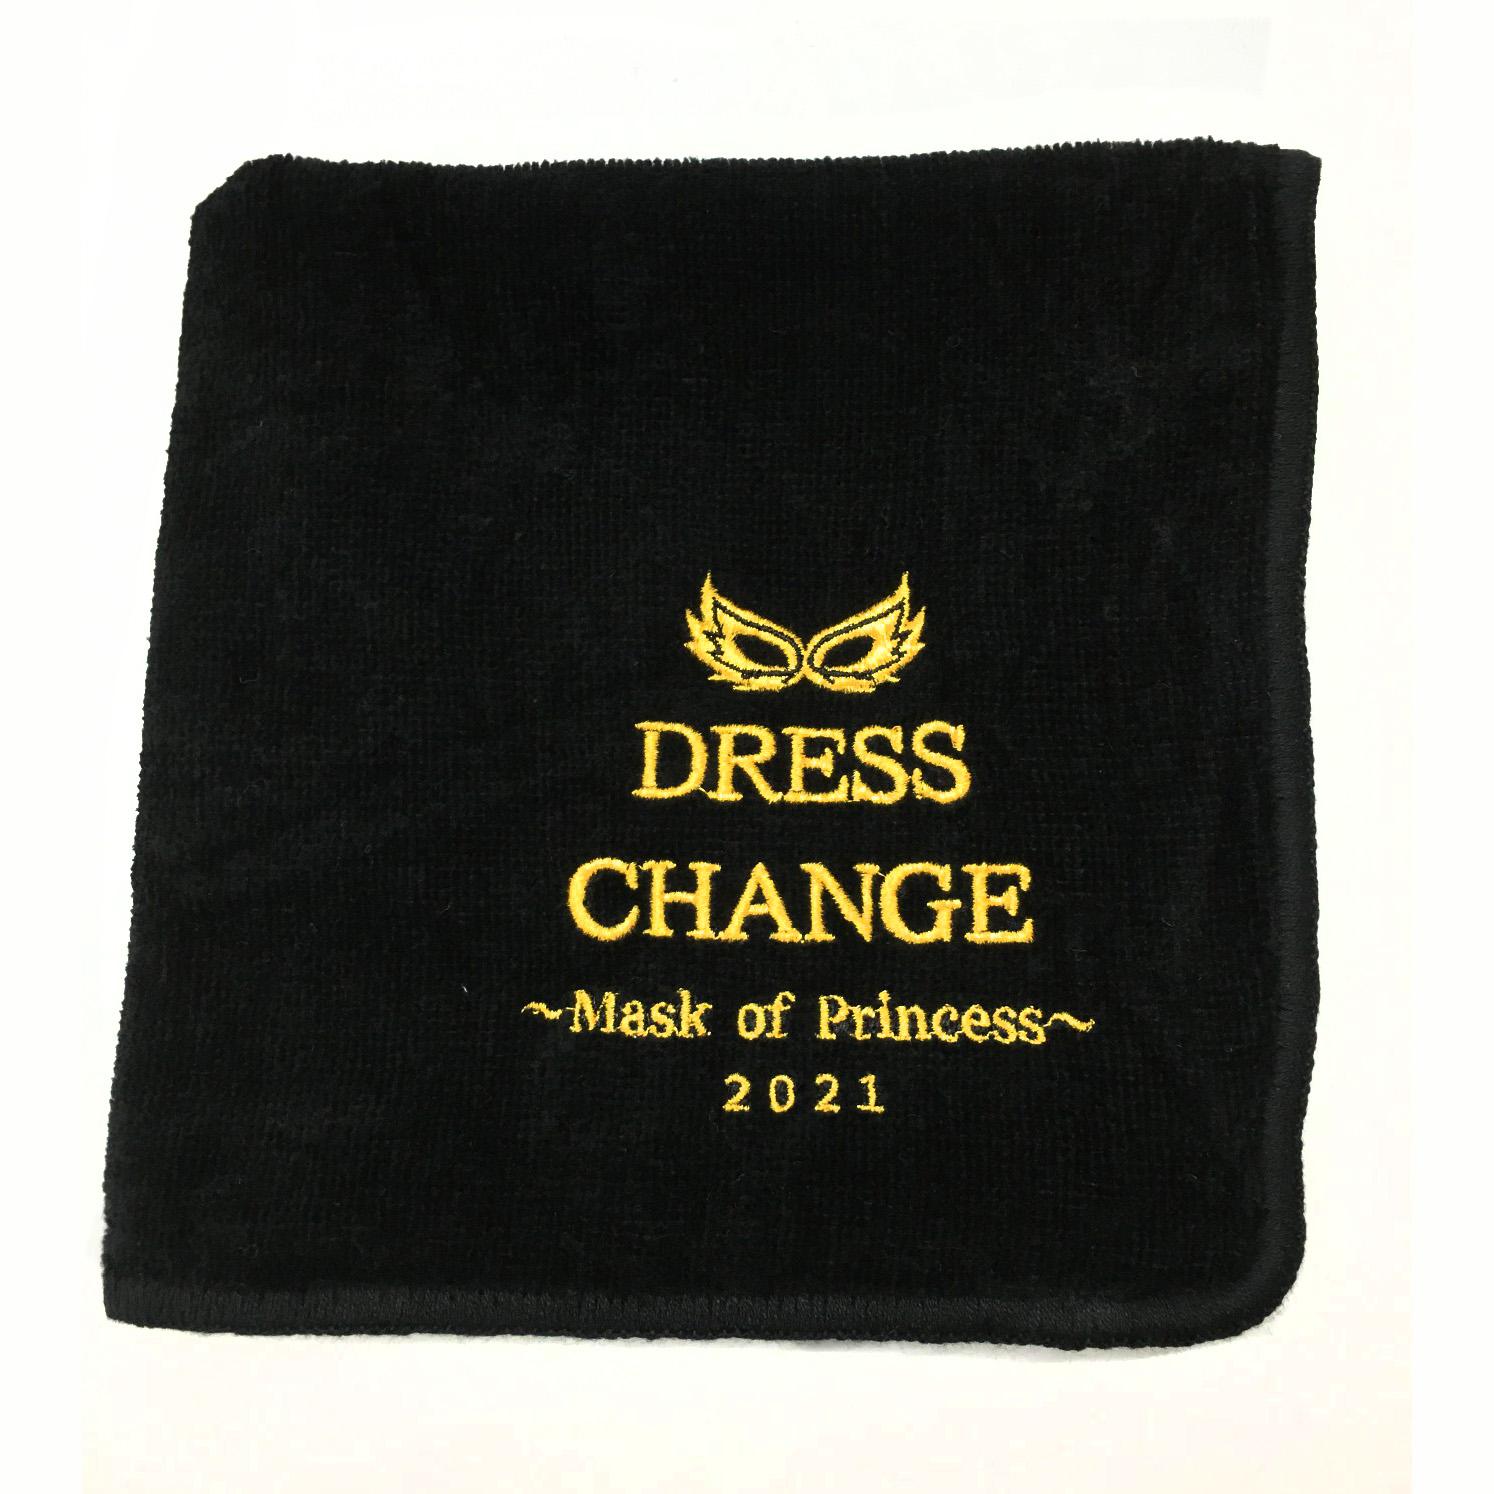 【18703】オリジナル刺繍/NBシリーズ:02 ブラック/ハンドタオル/B位置